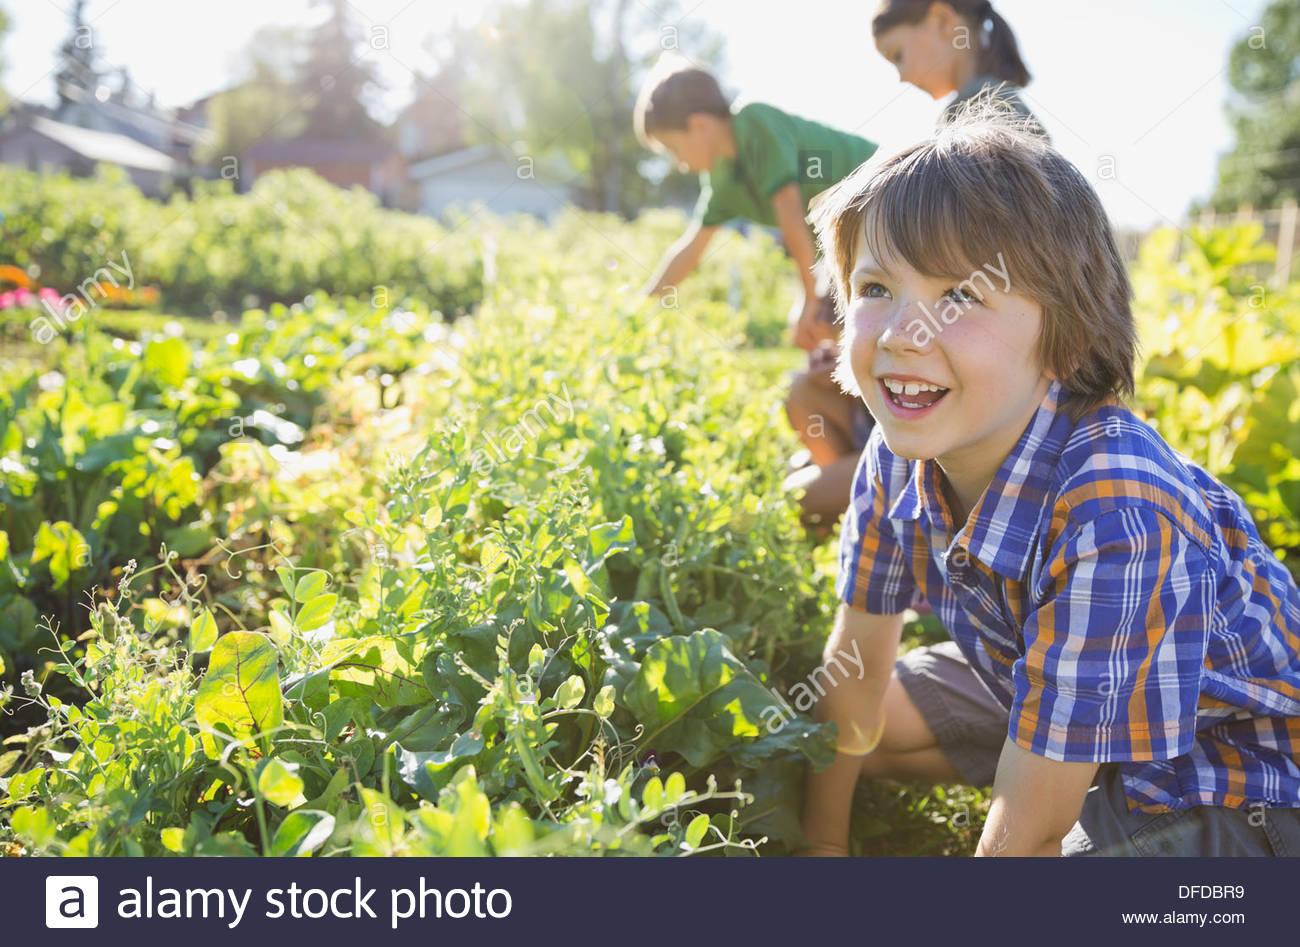 Chico trabaja en un jardín comunitario Imagen De Stock